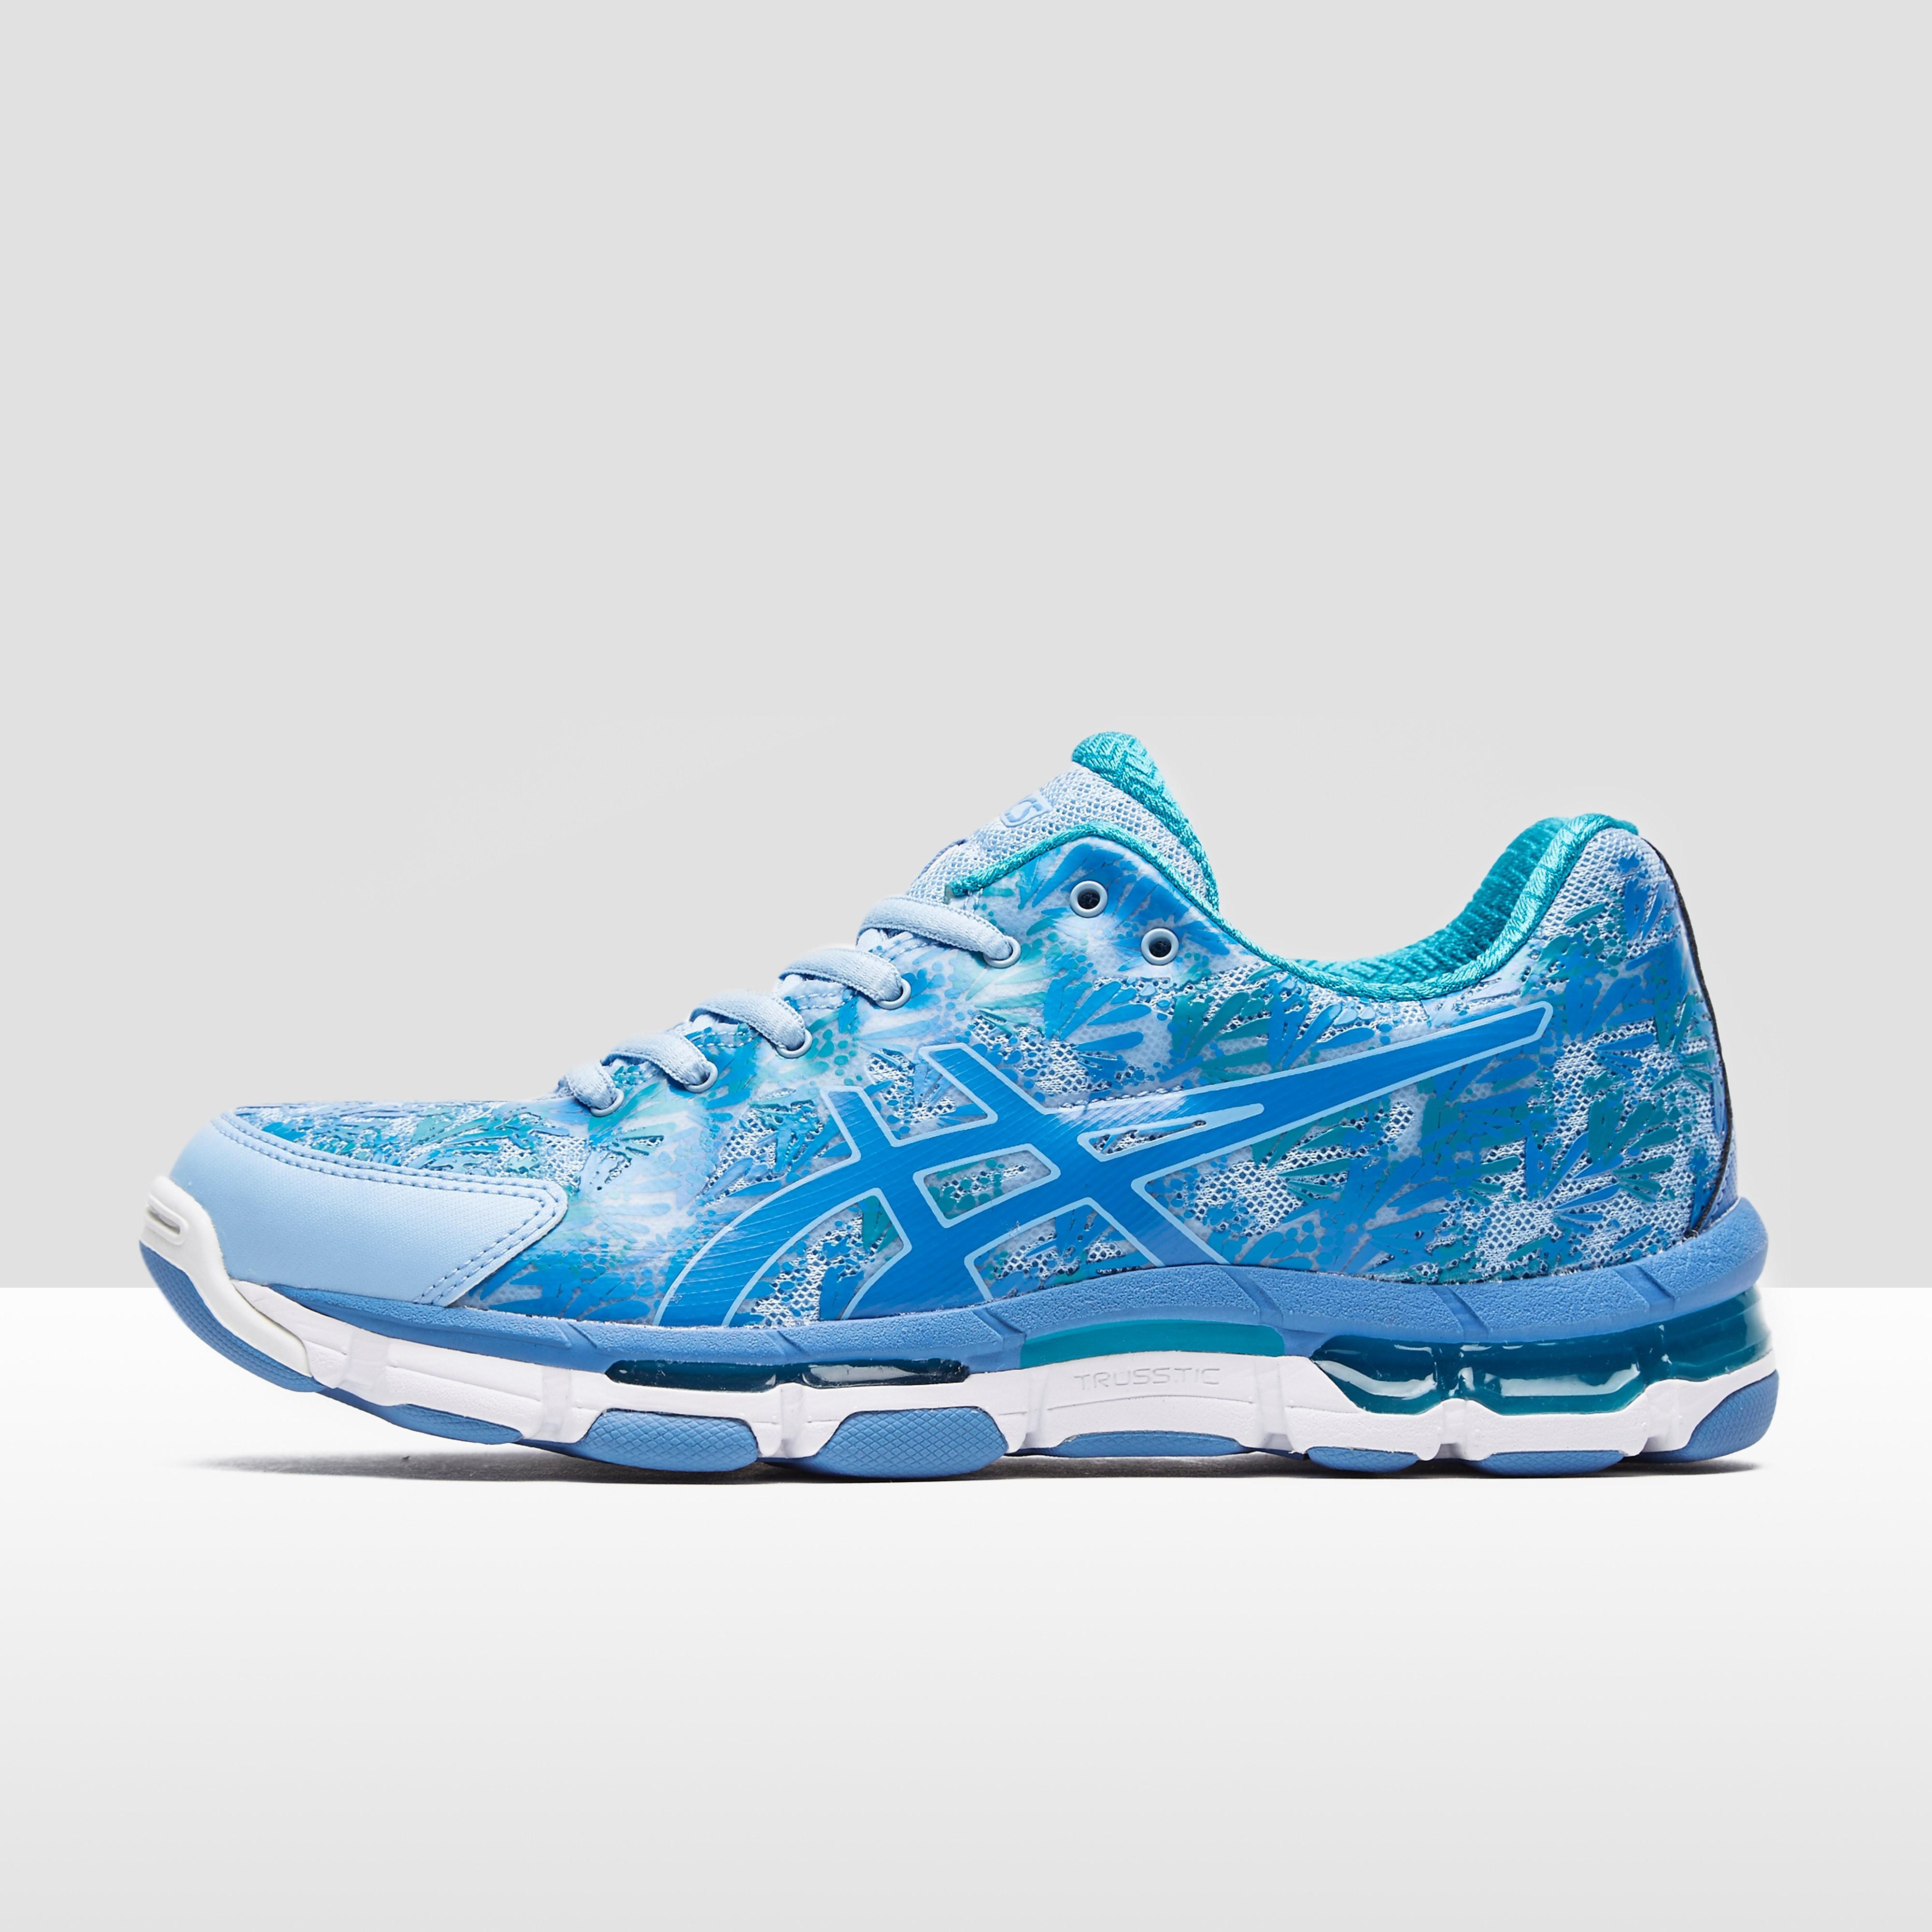 ASICS GEL-Netburner Professional 13 Women's Netball Shoes